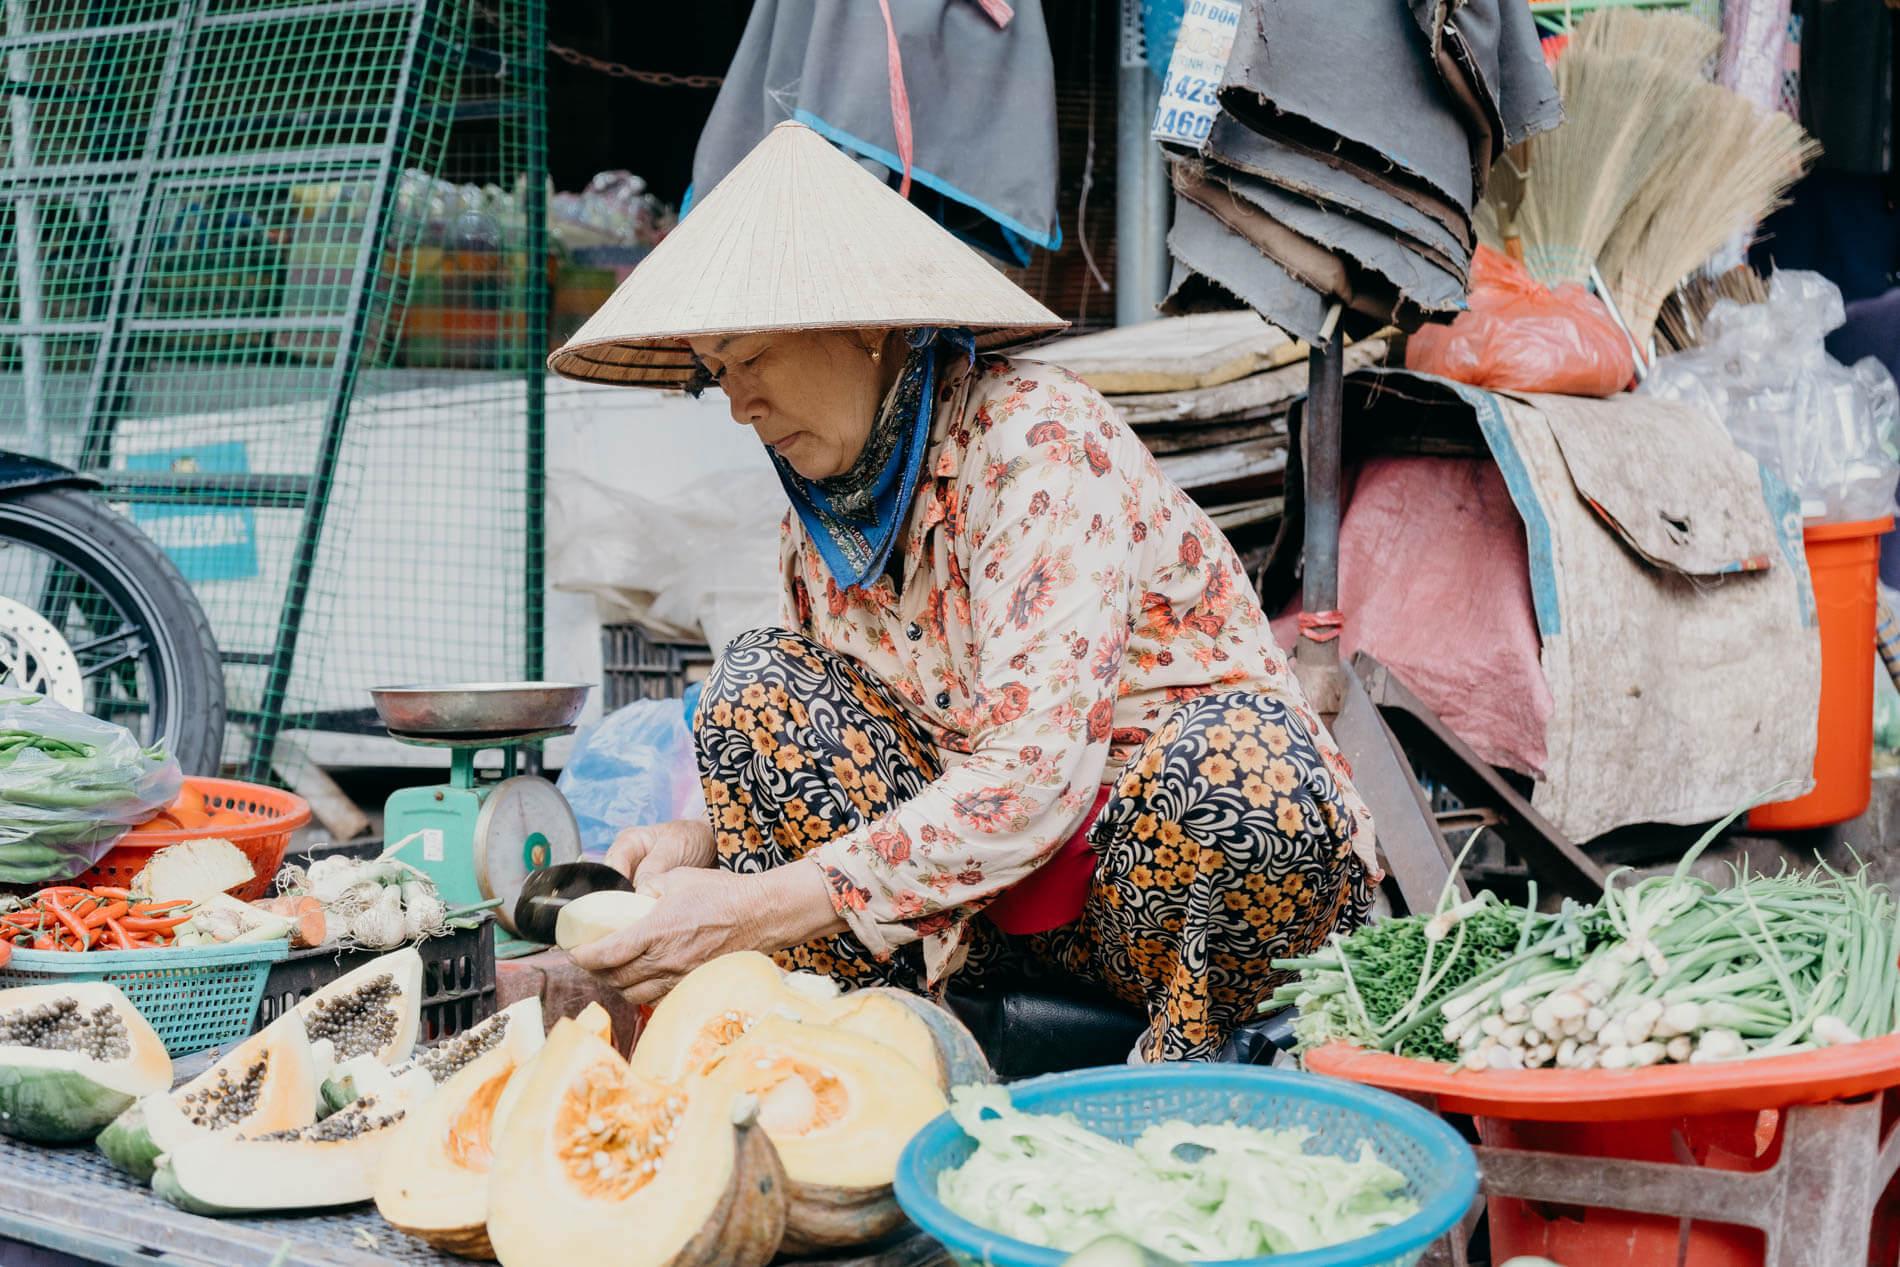 A vendor in Hoi An